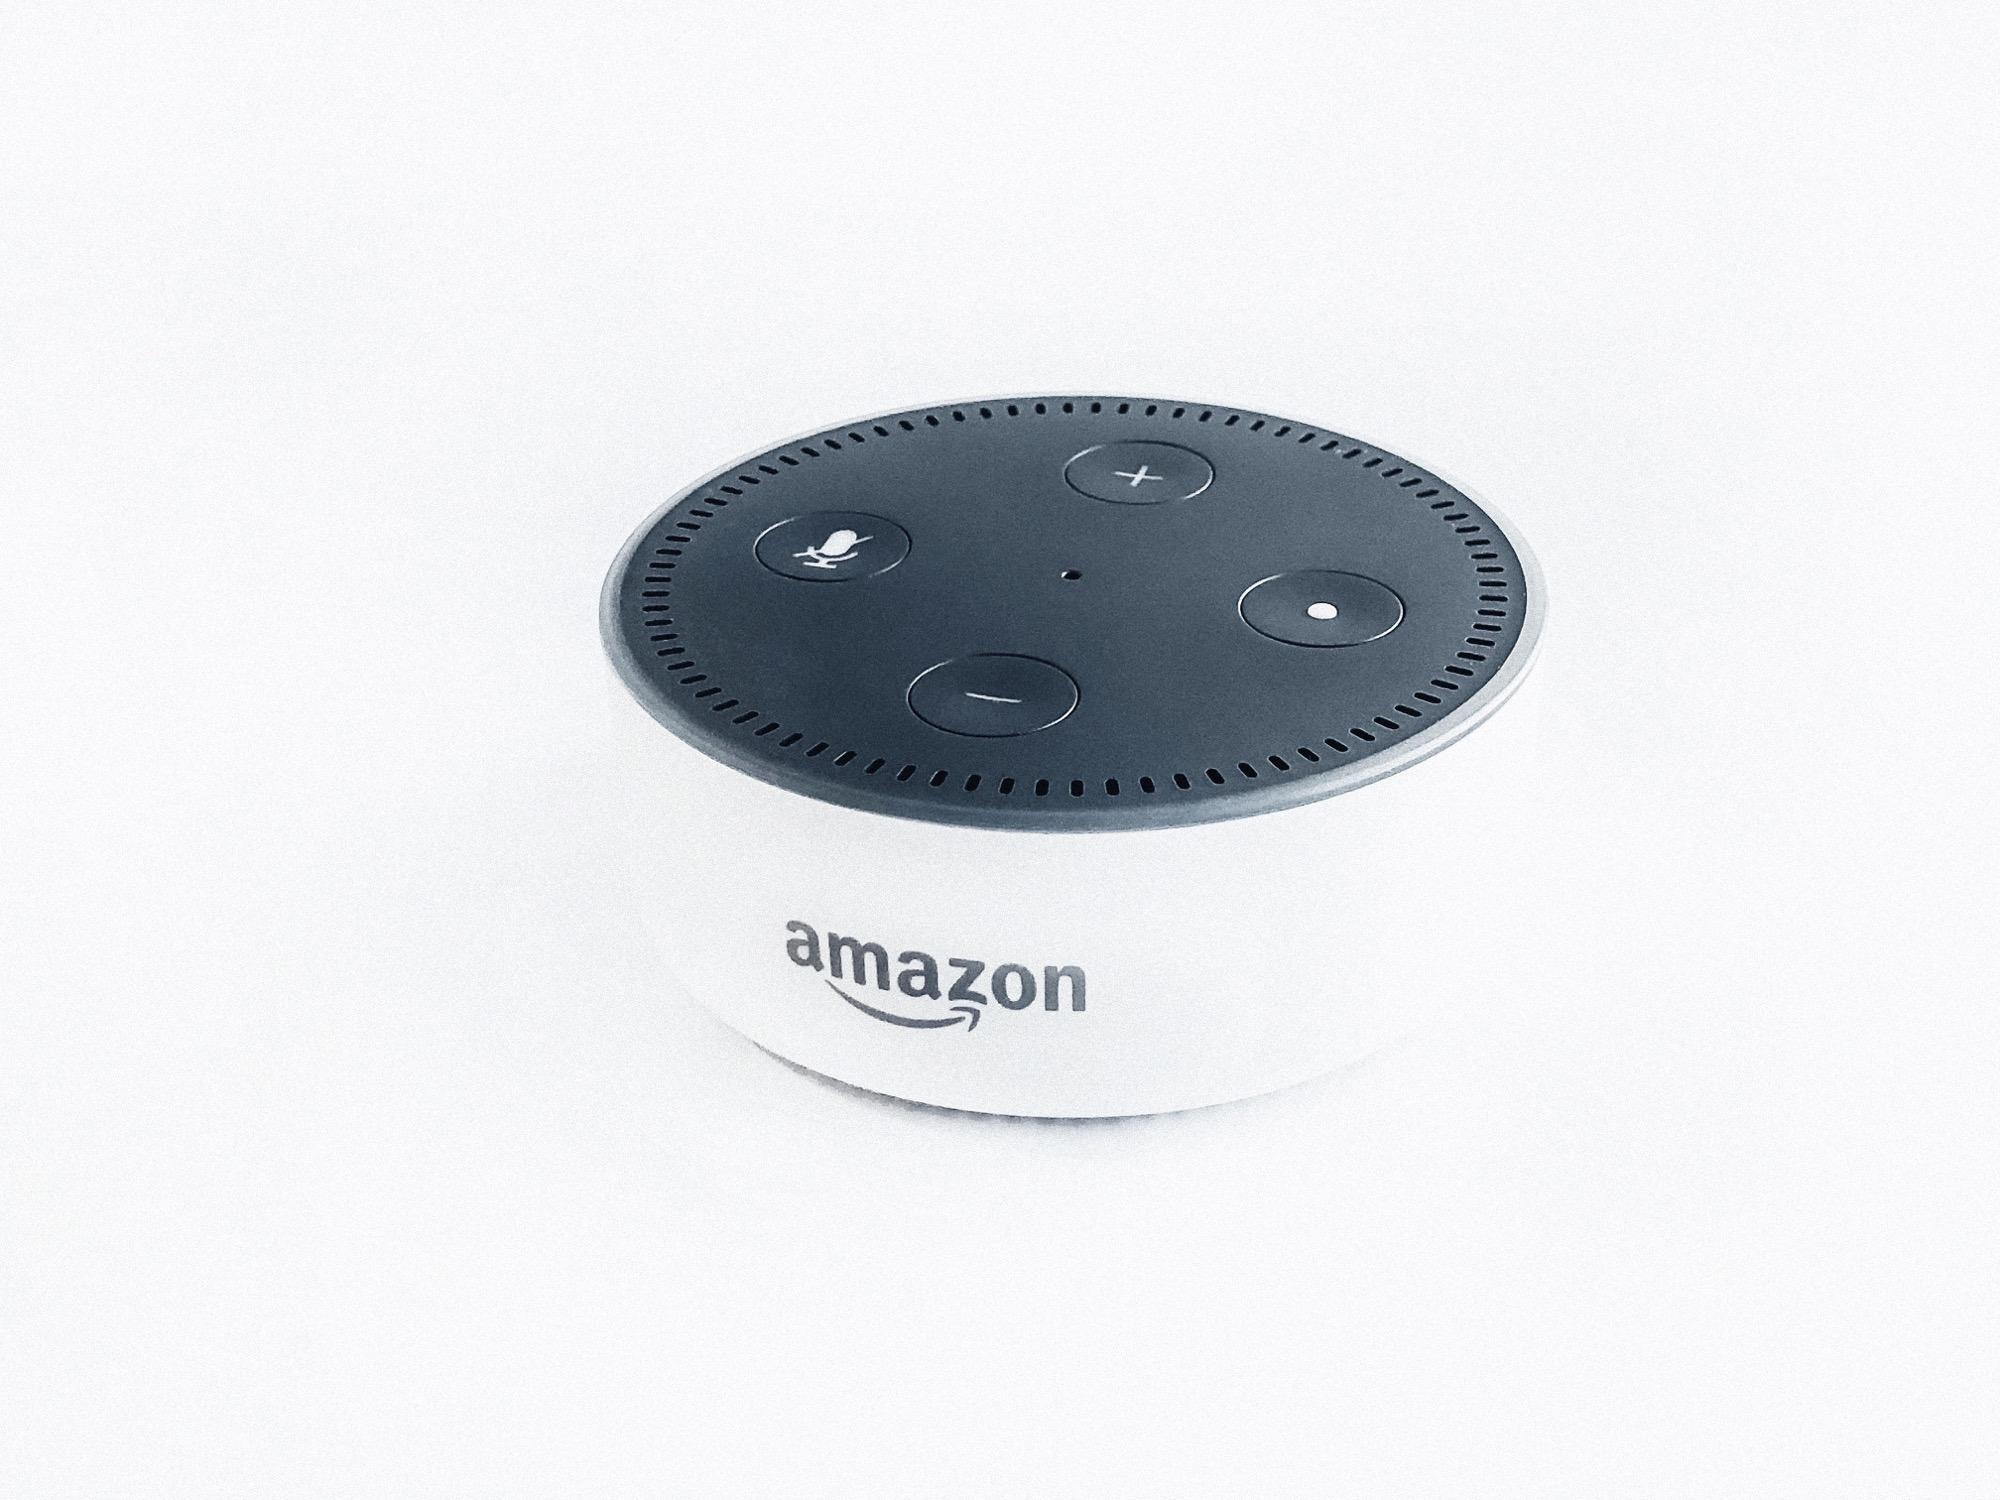 Amazon confirme: Alexa stocke les voix de ses utilisateurs sans limite de temps 8